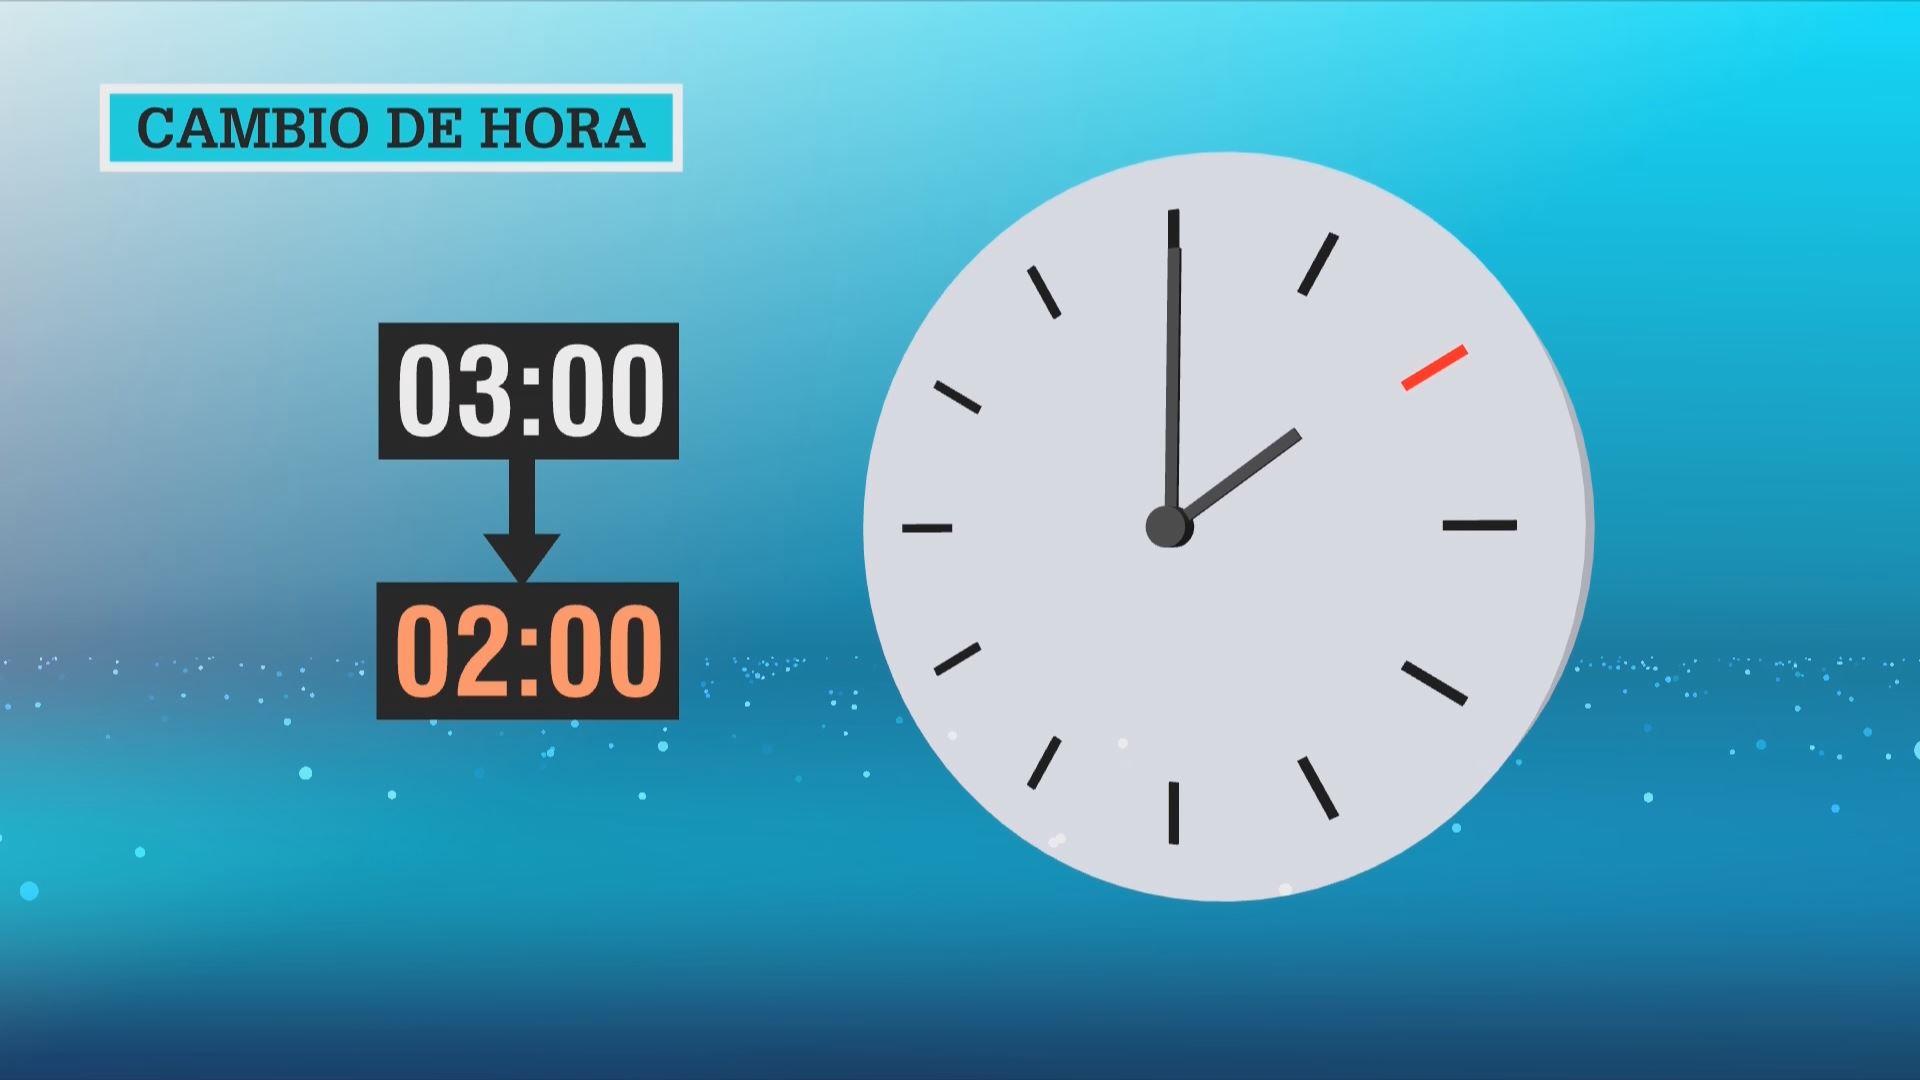 Resultado de imagen de cambio de hora horario de verano